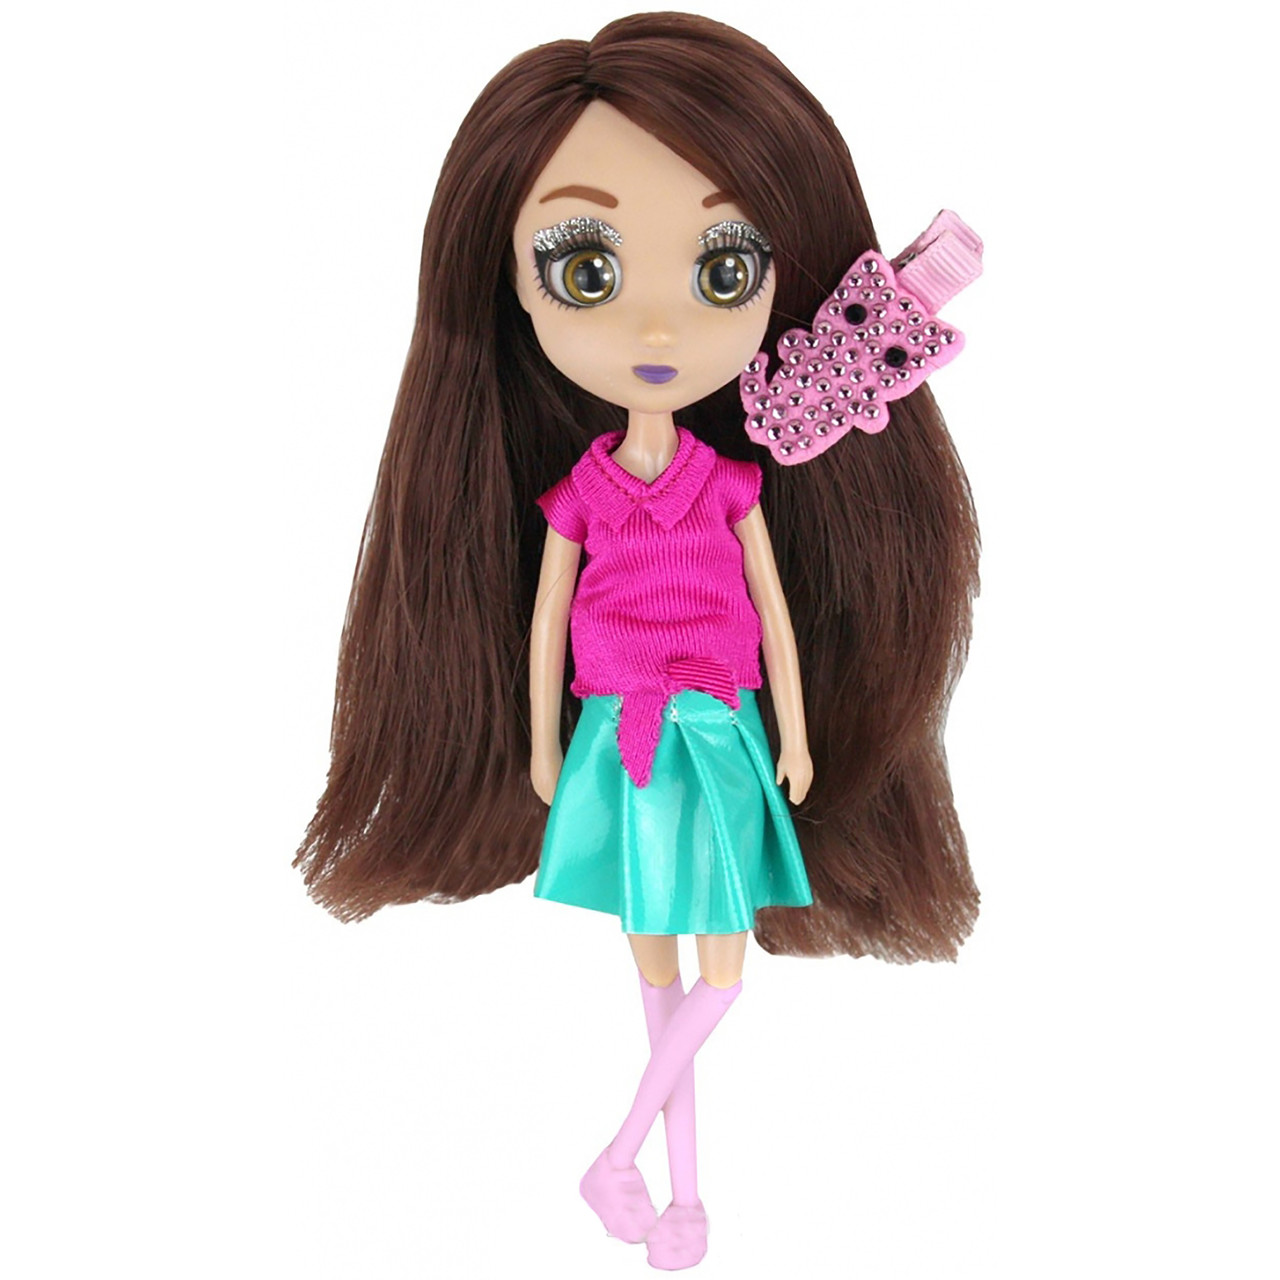 Shibajuku Girls Кукла Намика, 15 см